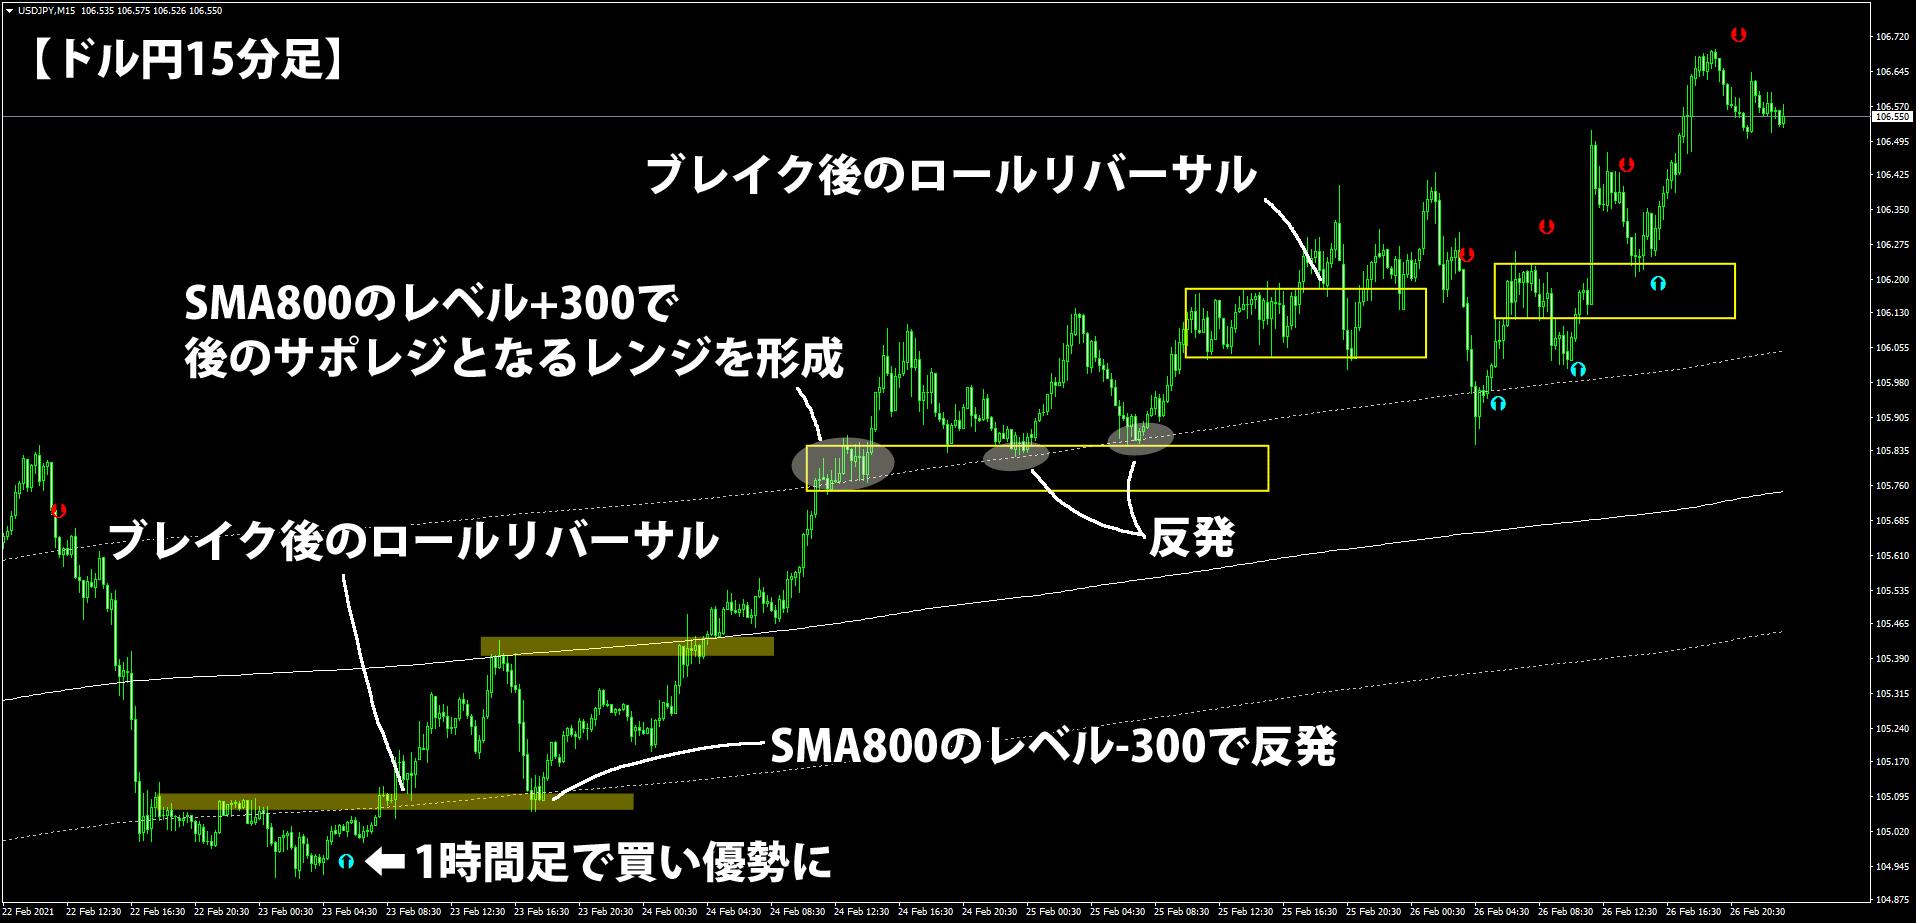 DIを使う15分足トレード手法のチャート